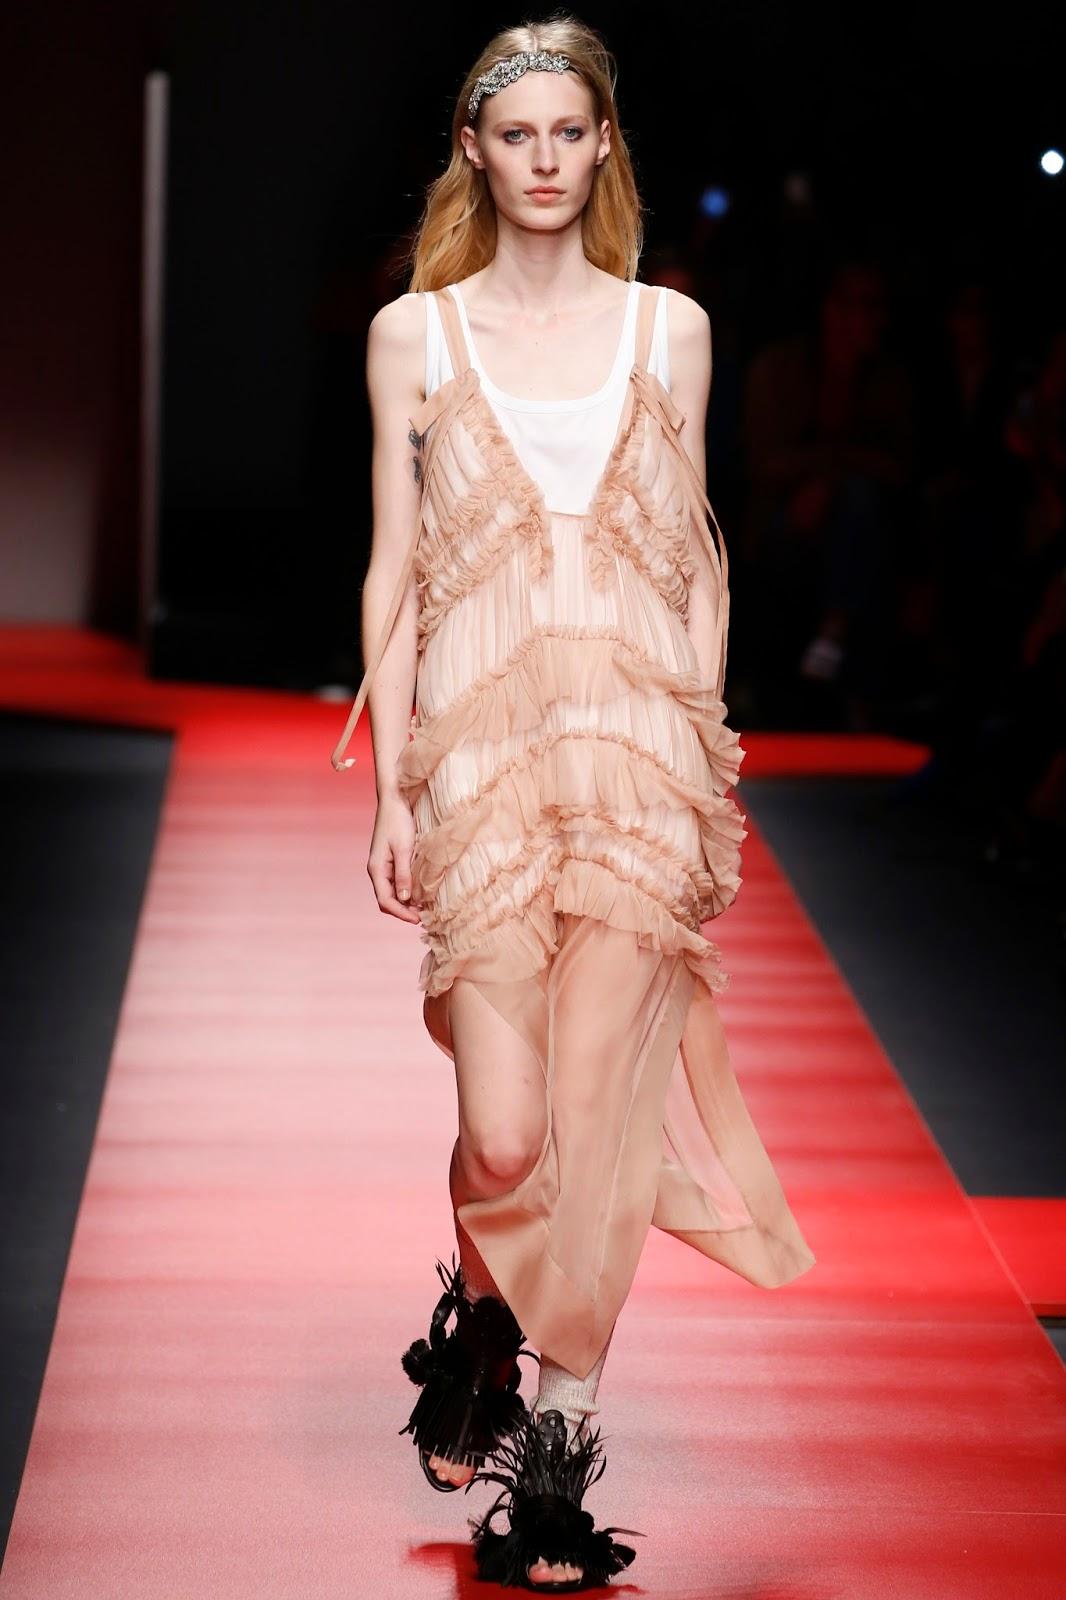 milan fashion week, catwalk, look, model